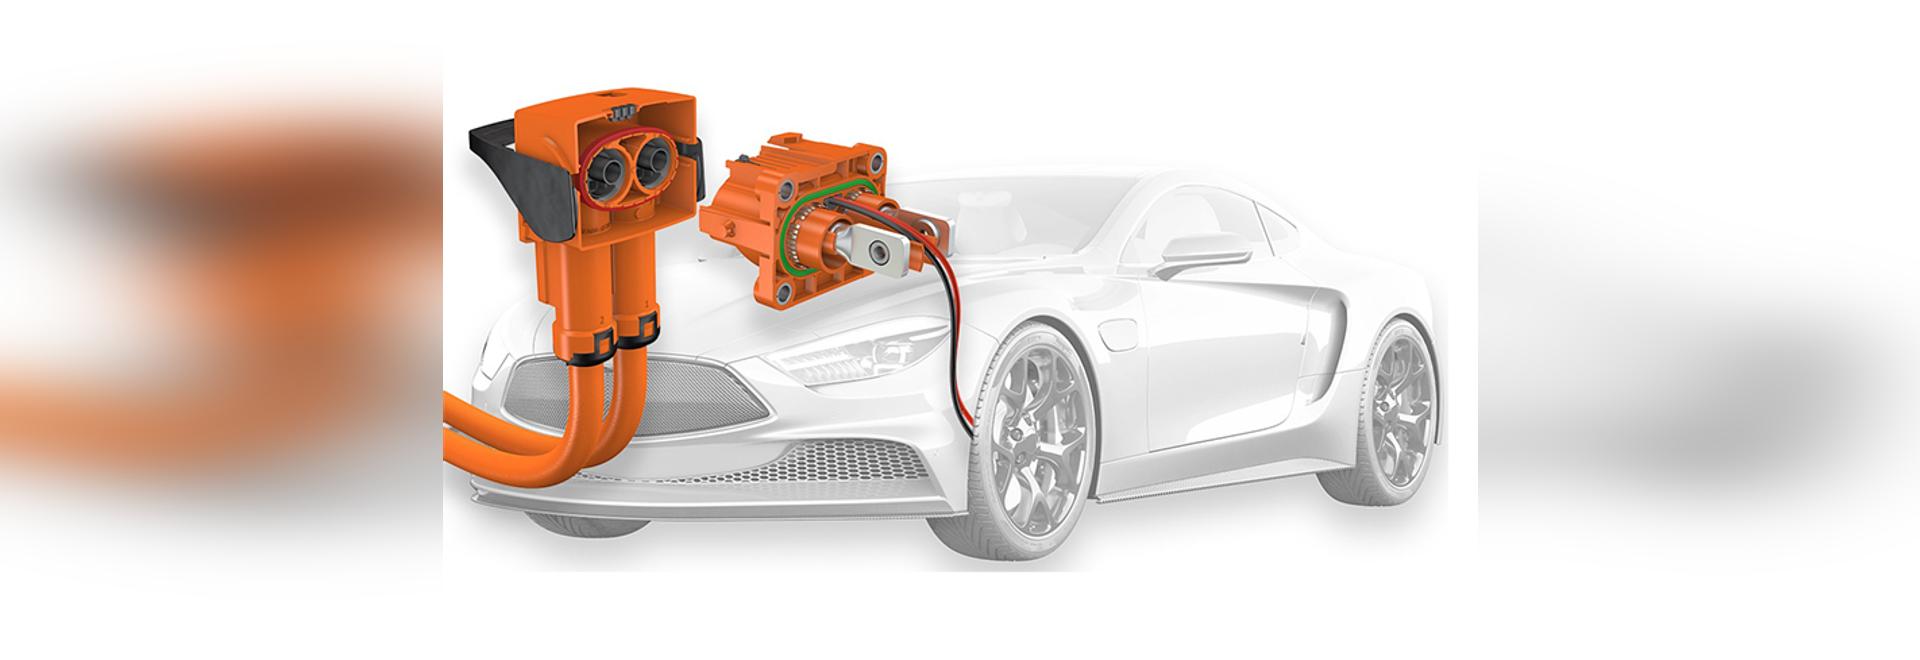 PerforMore un connettore bipolare ad alta tensione per l'utilizzo in veicoli elettrici